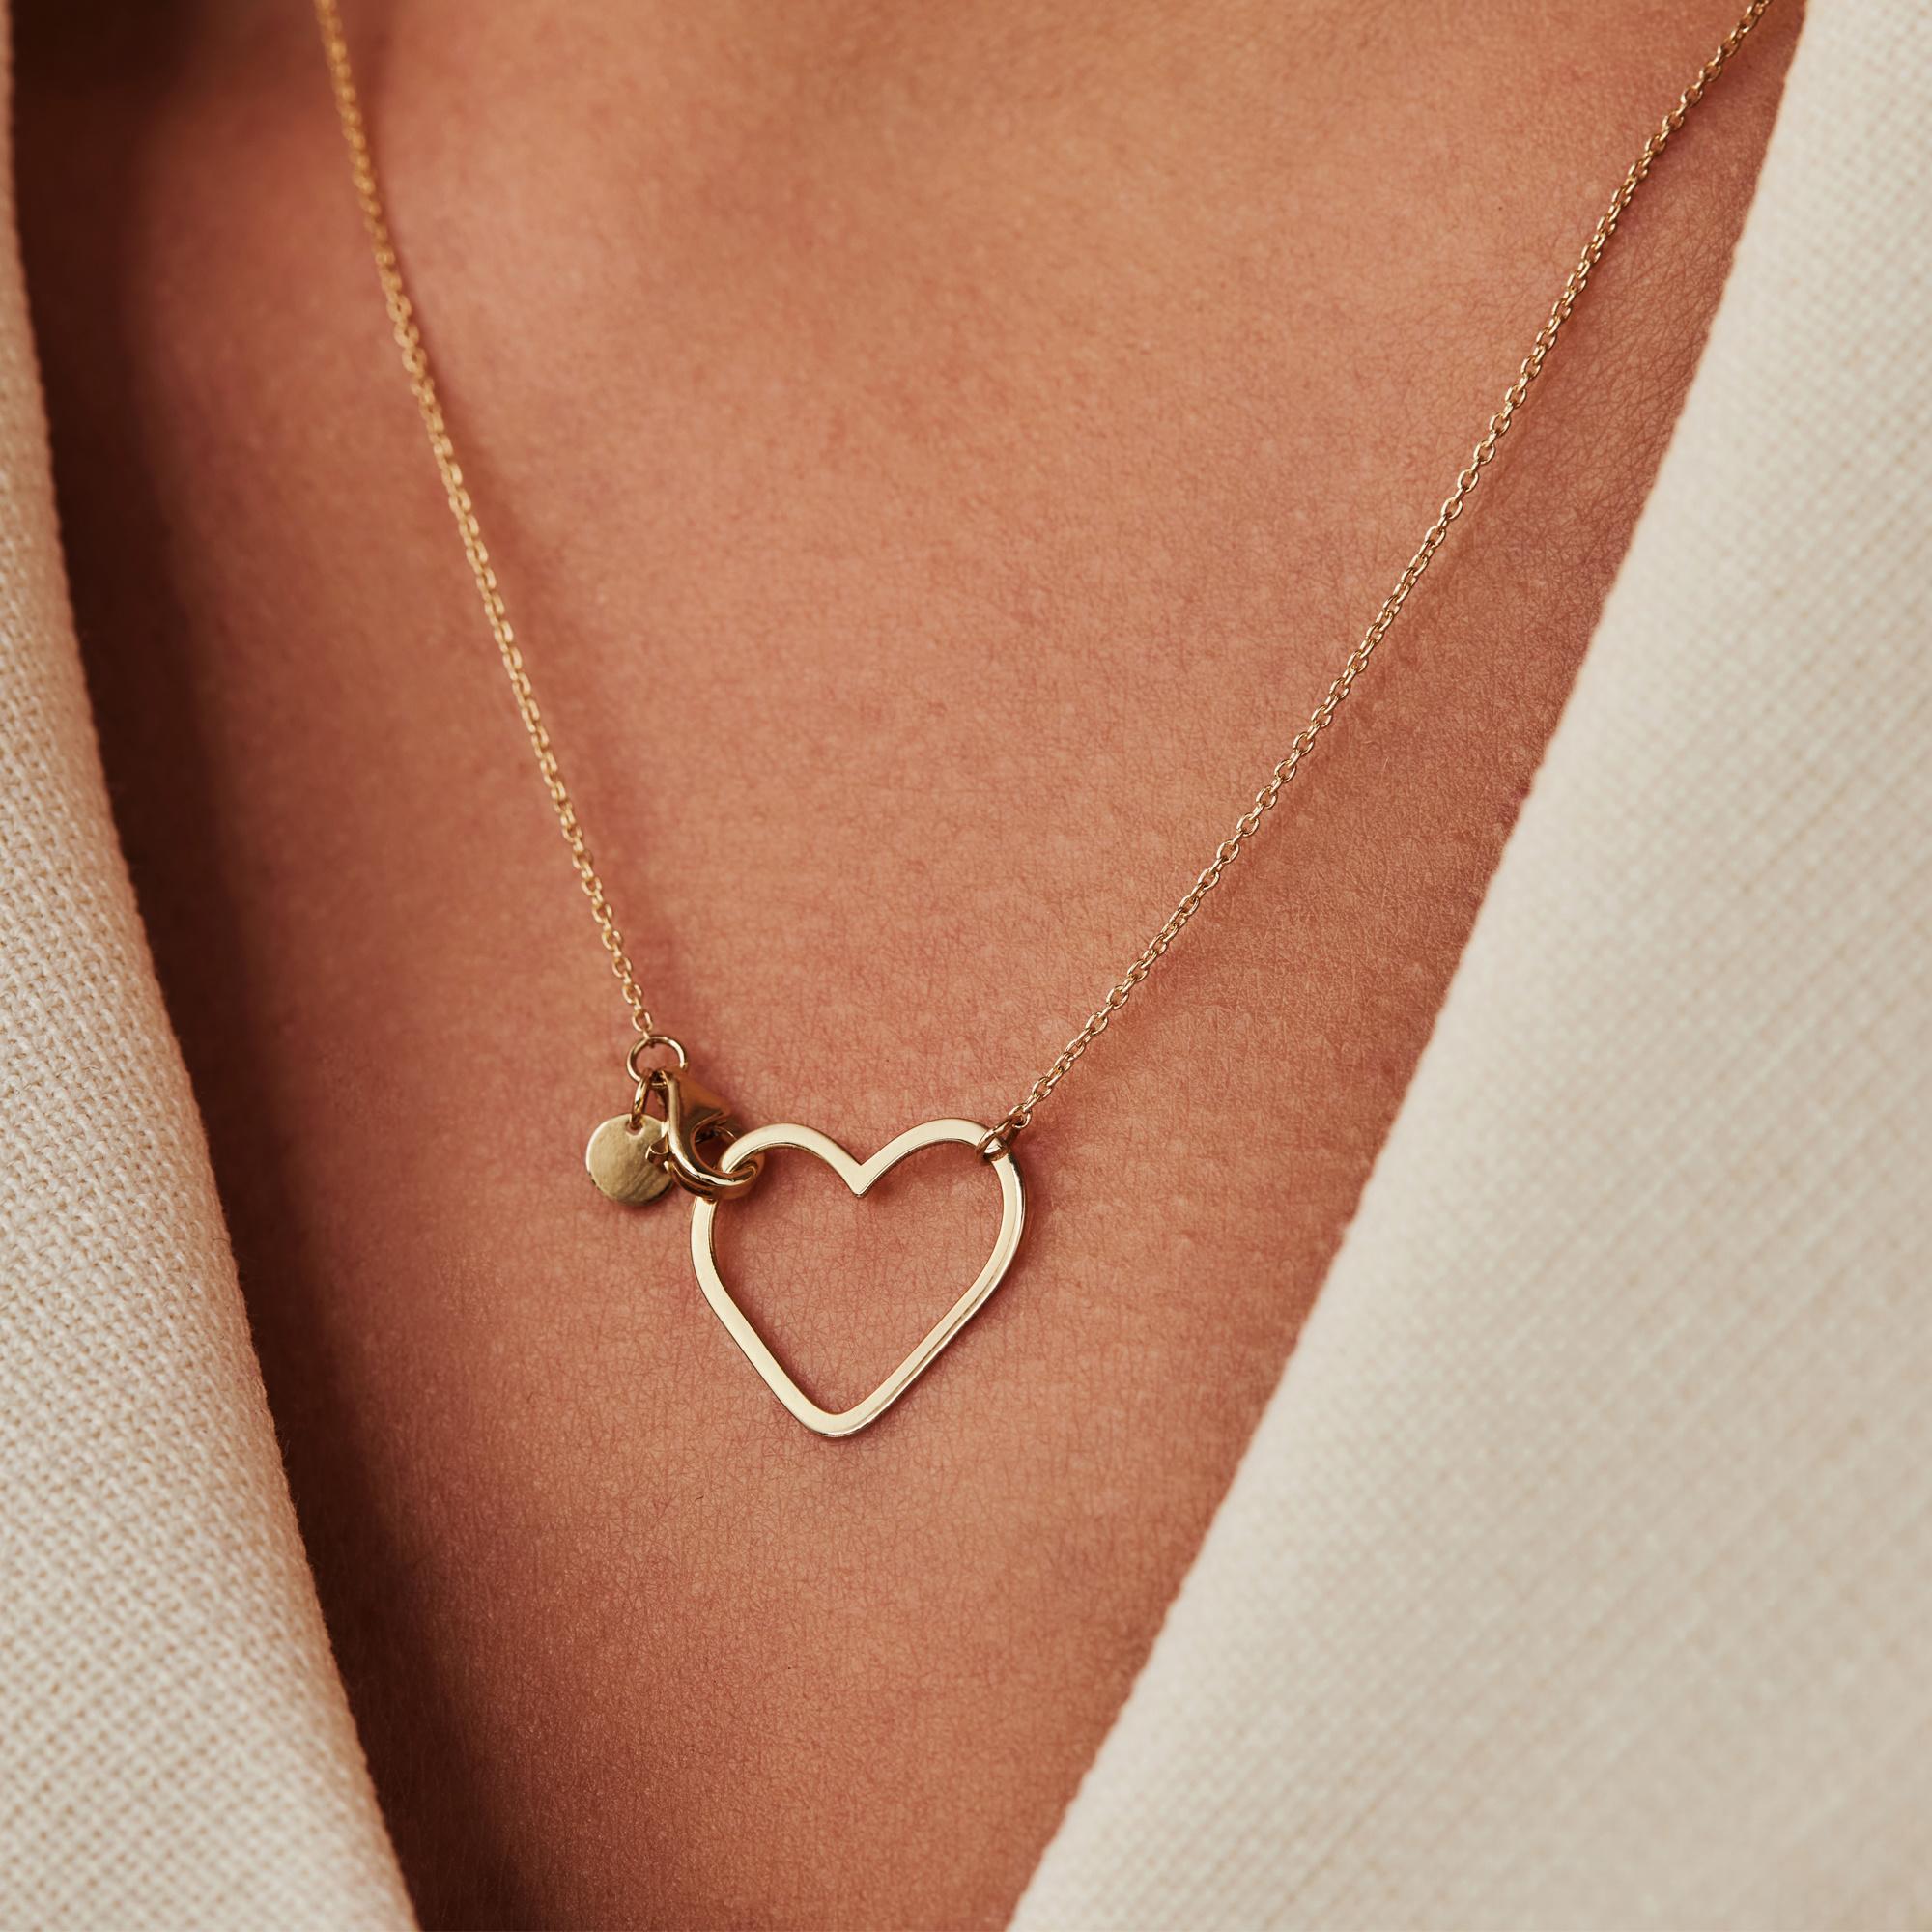 Isabel Bernard Belleville Amore 14 karat gold necklace